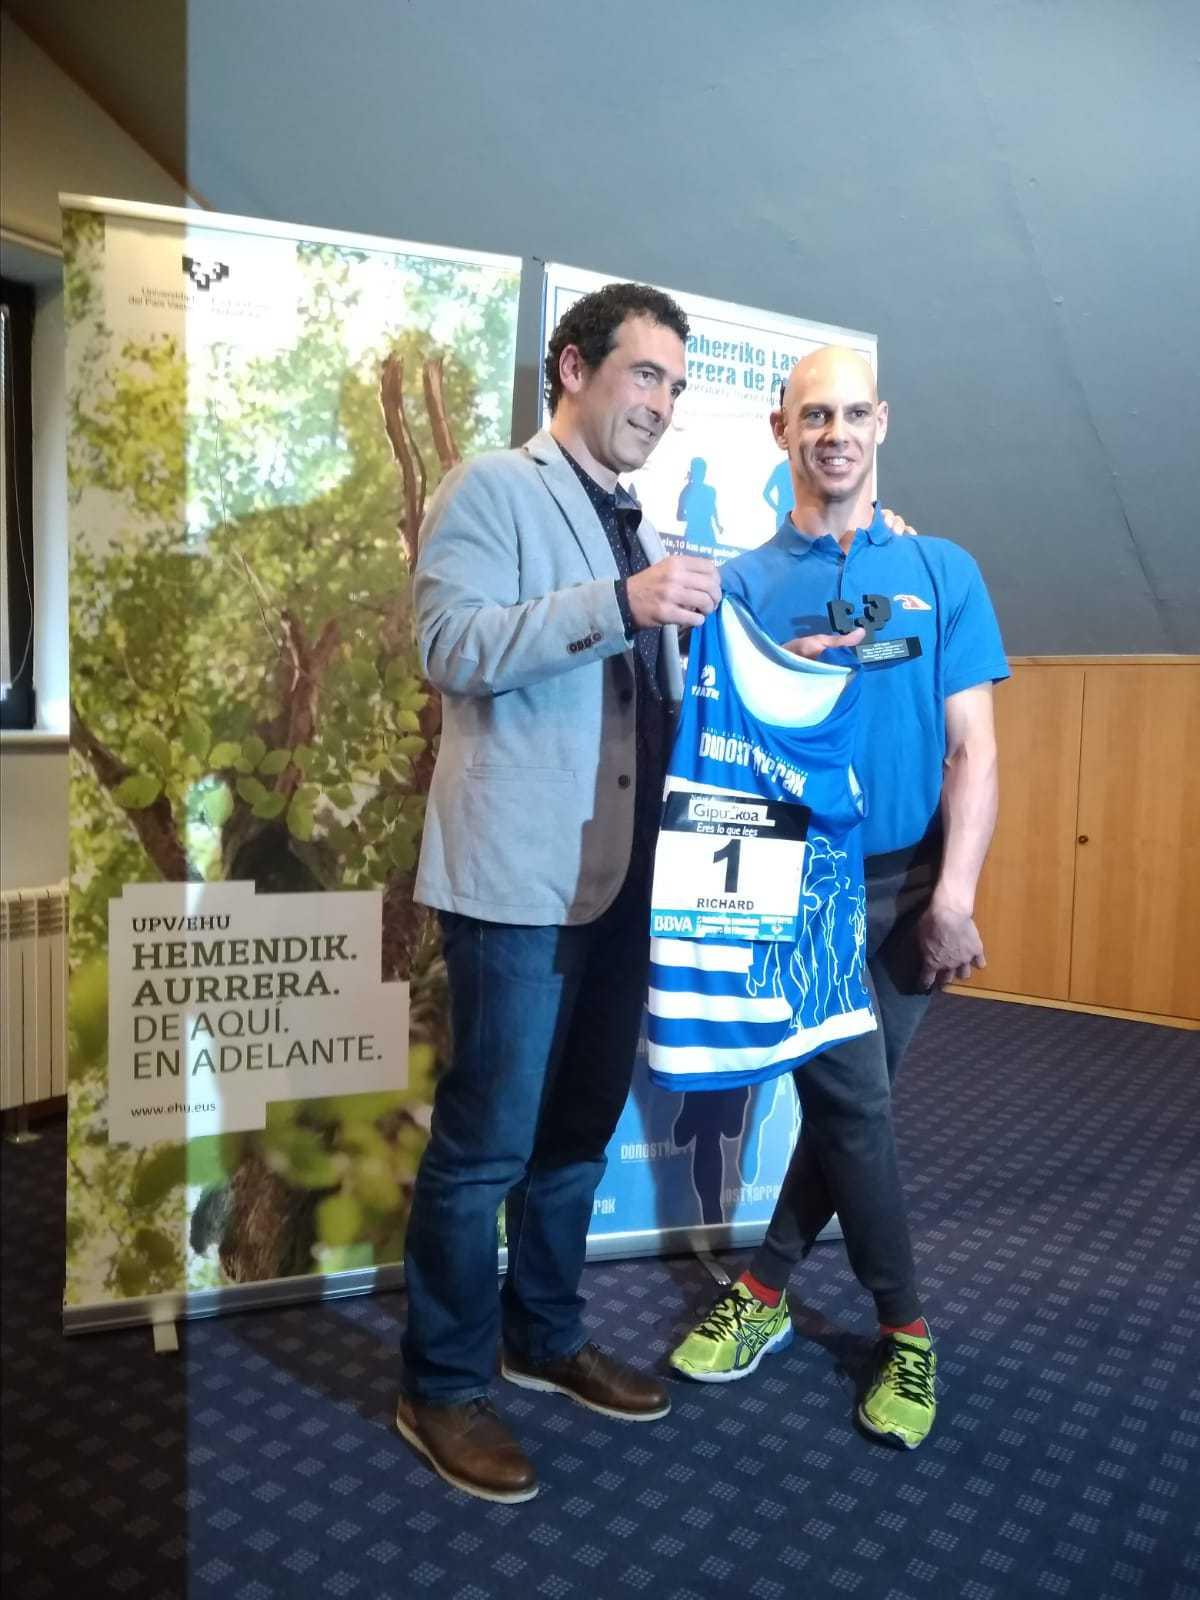 Richard es homenajeado por el club DONOSTIARRAK y le dan el dorsal nº 1 - Konporta